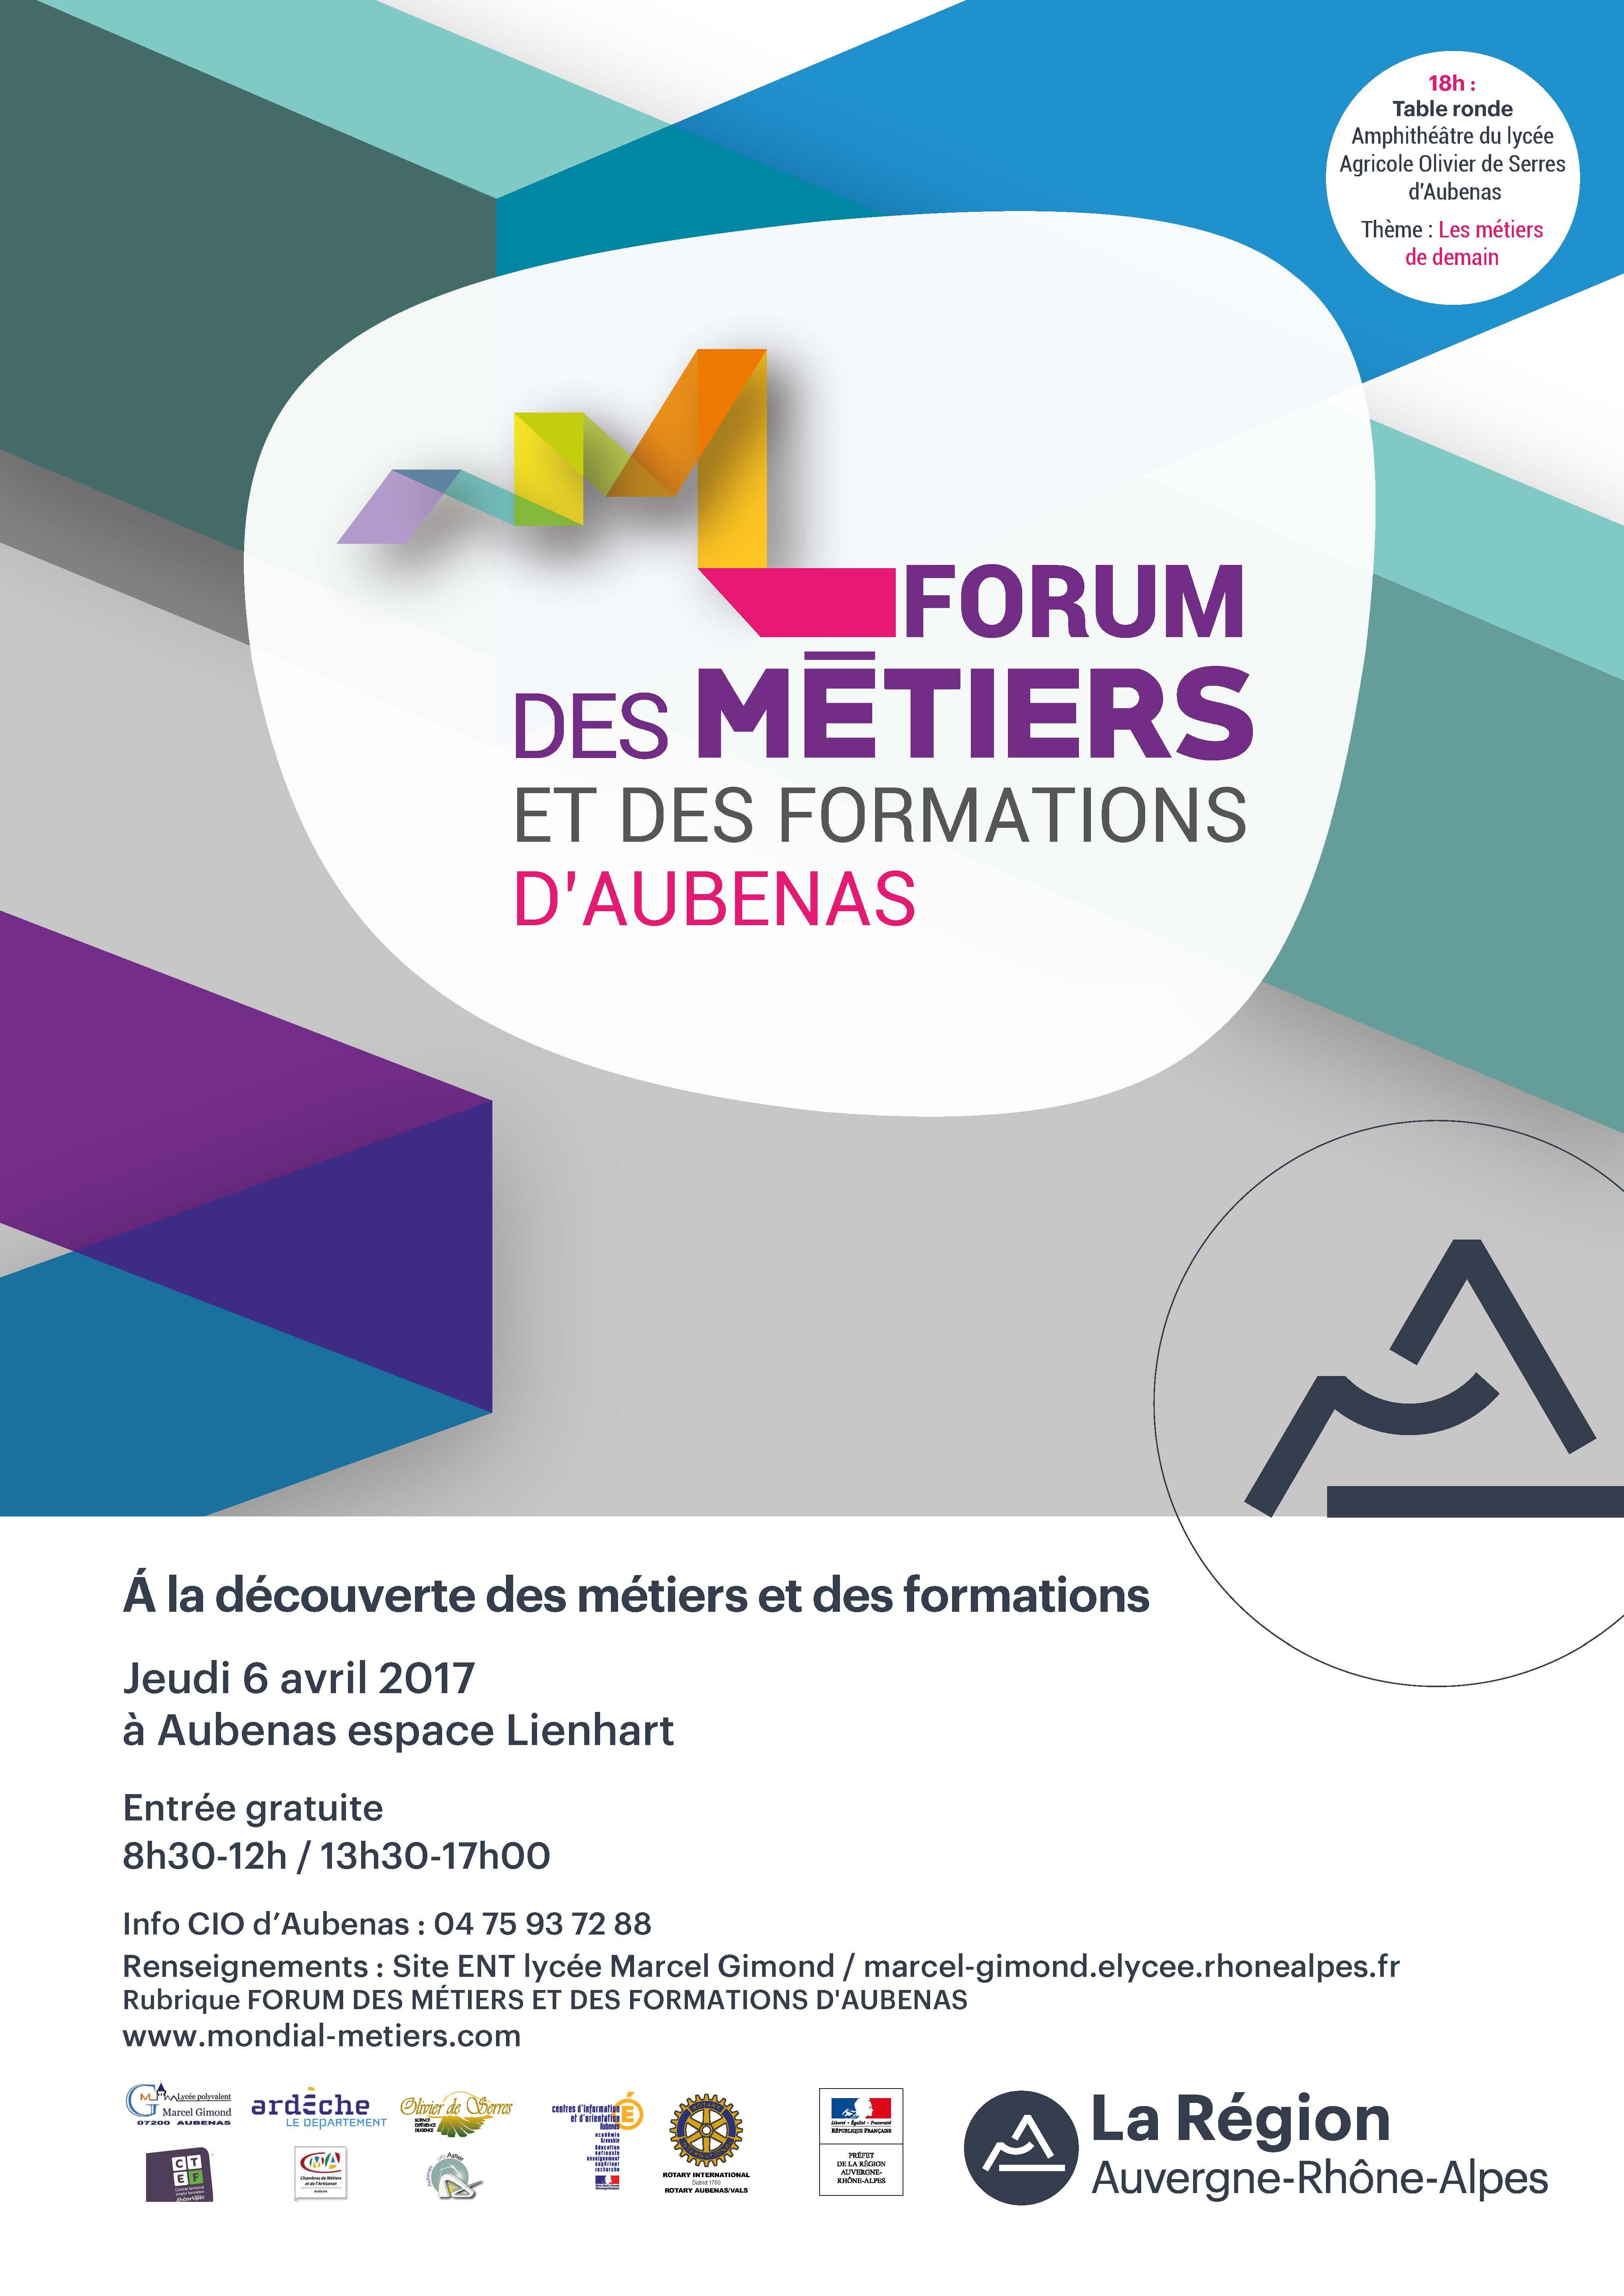 Le Mag Le Forum Des Metiers D Aubenas Vous Ouvre Ses Portes